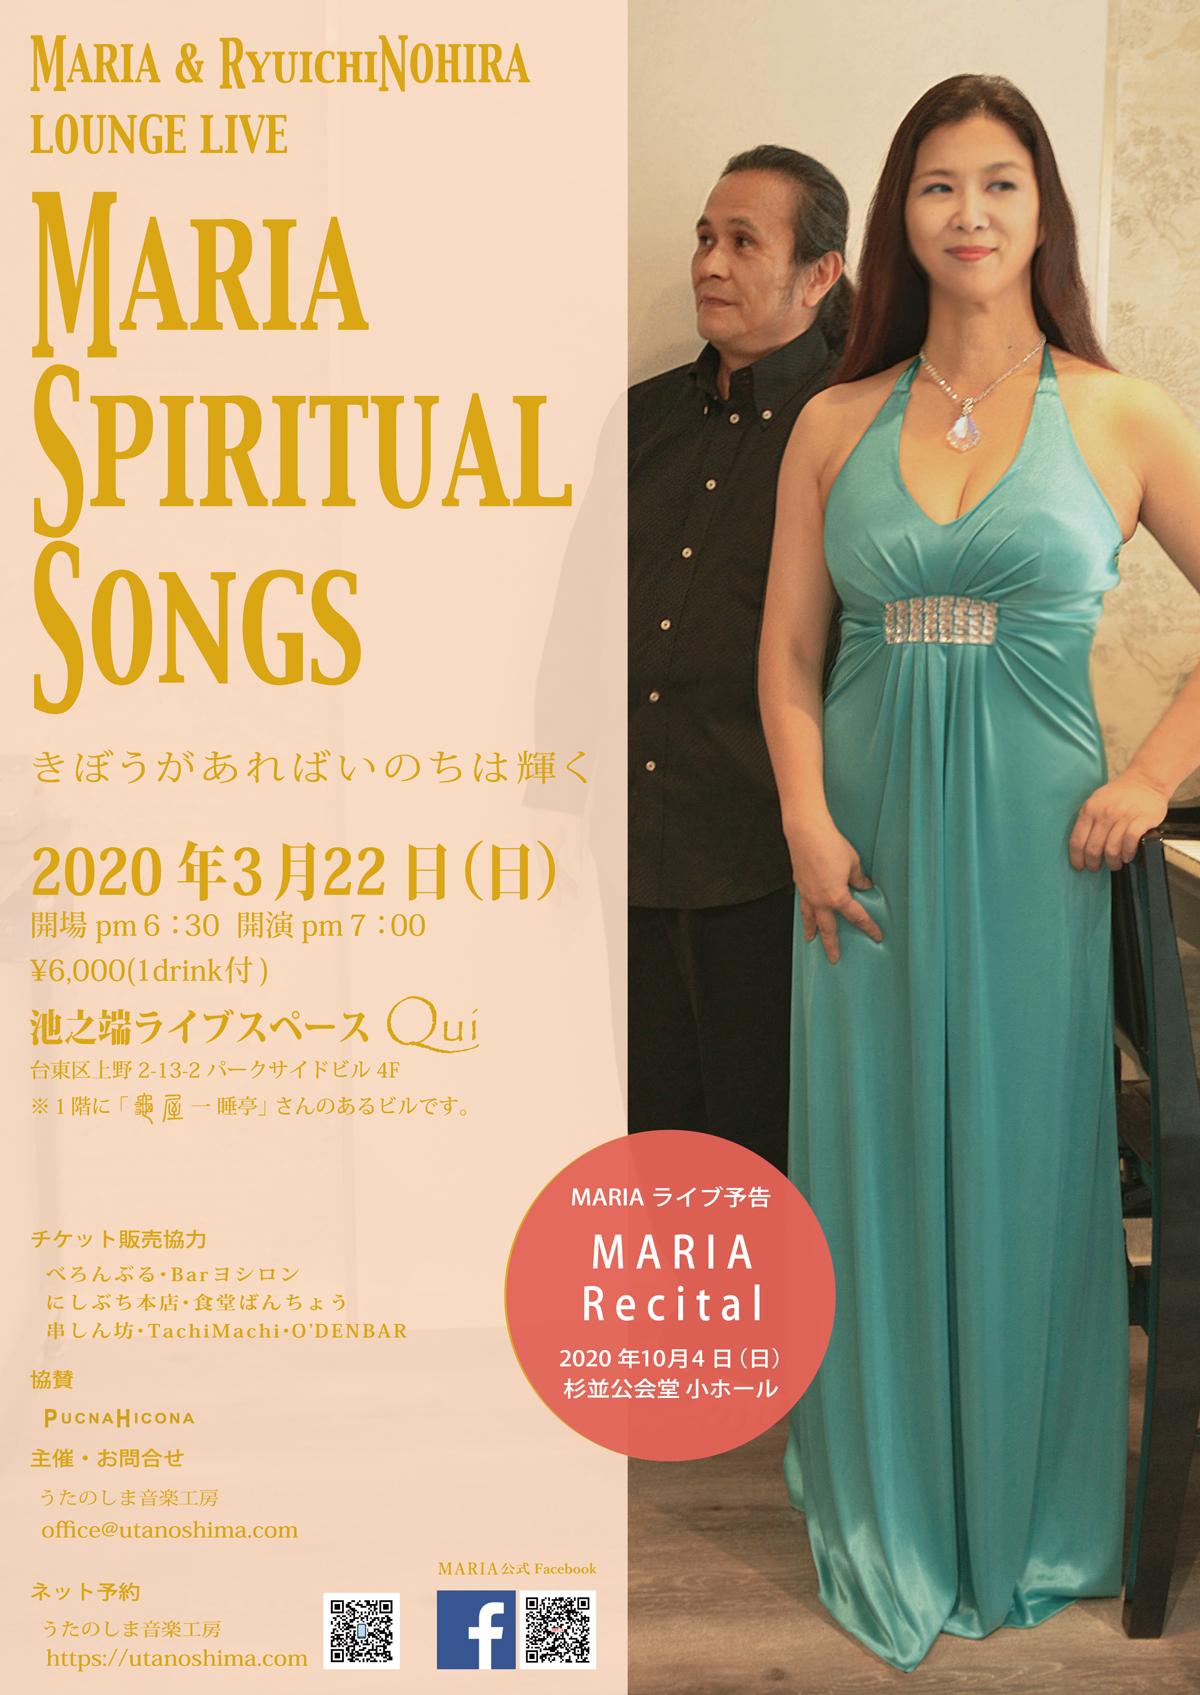 MARIA&RyuichiNohira LOUNGE LIVE フライヤー